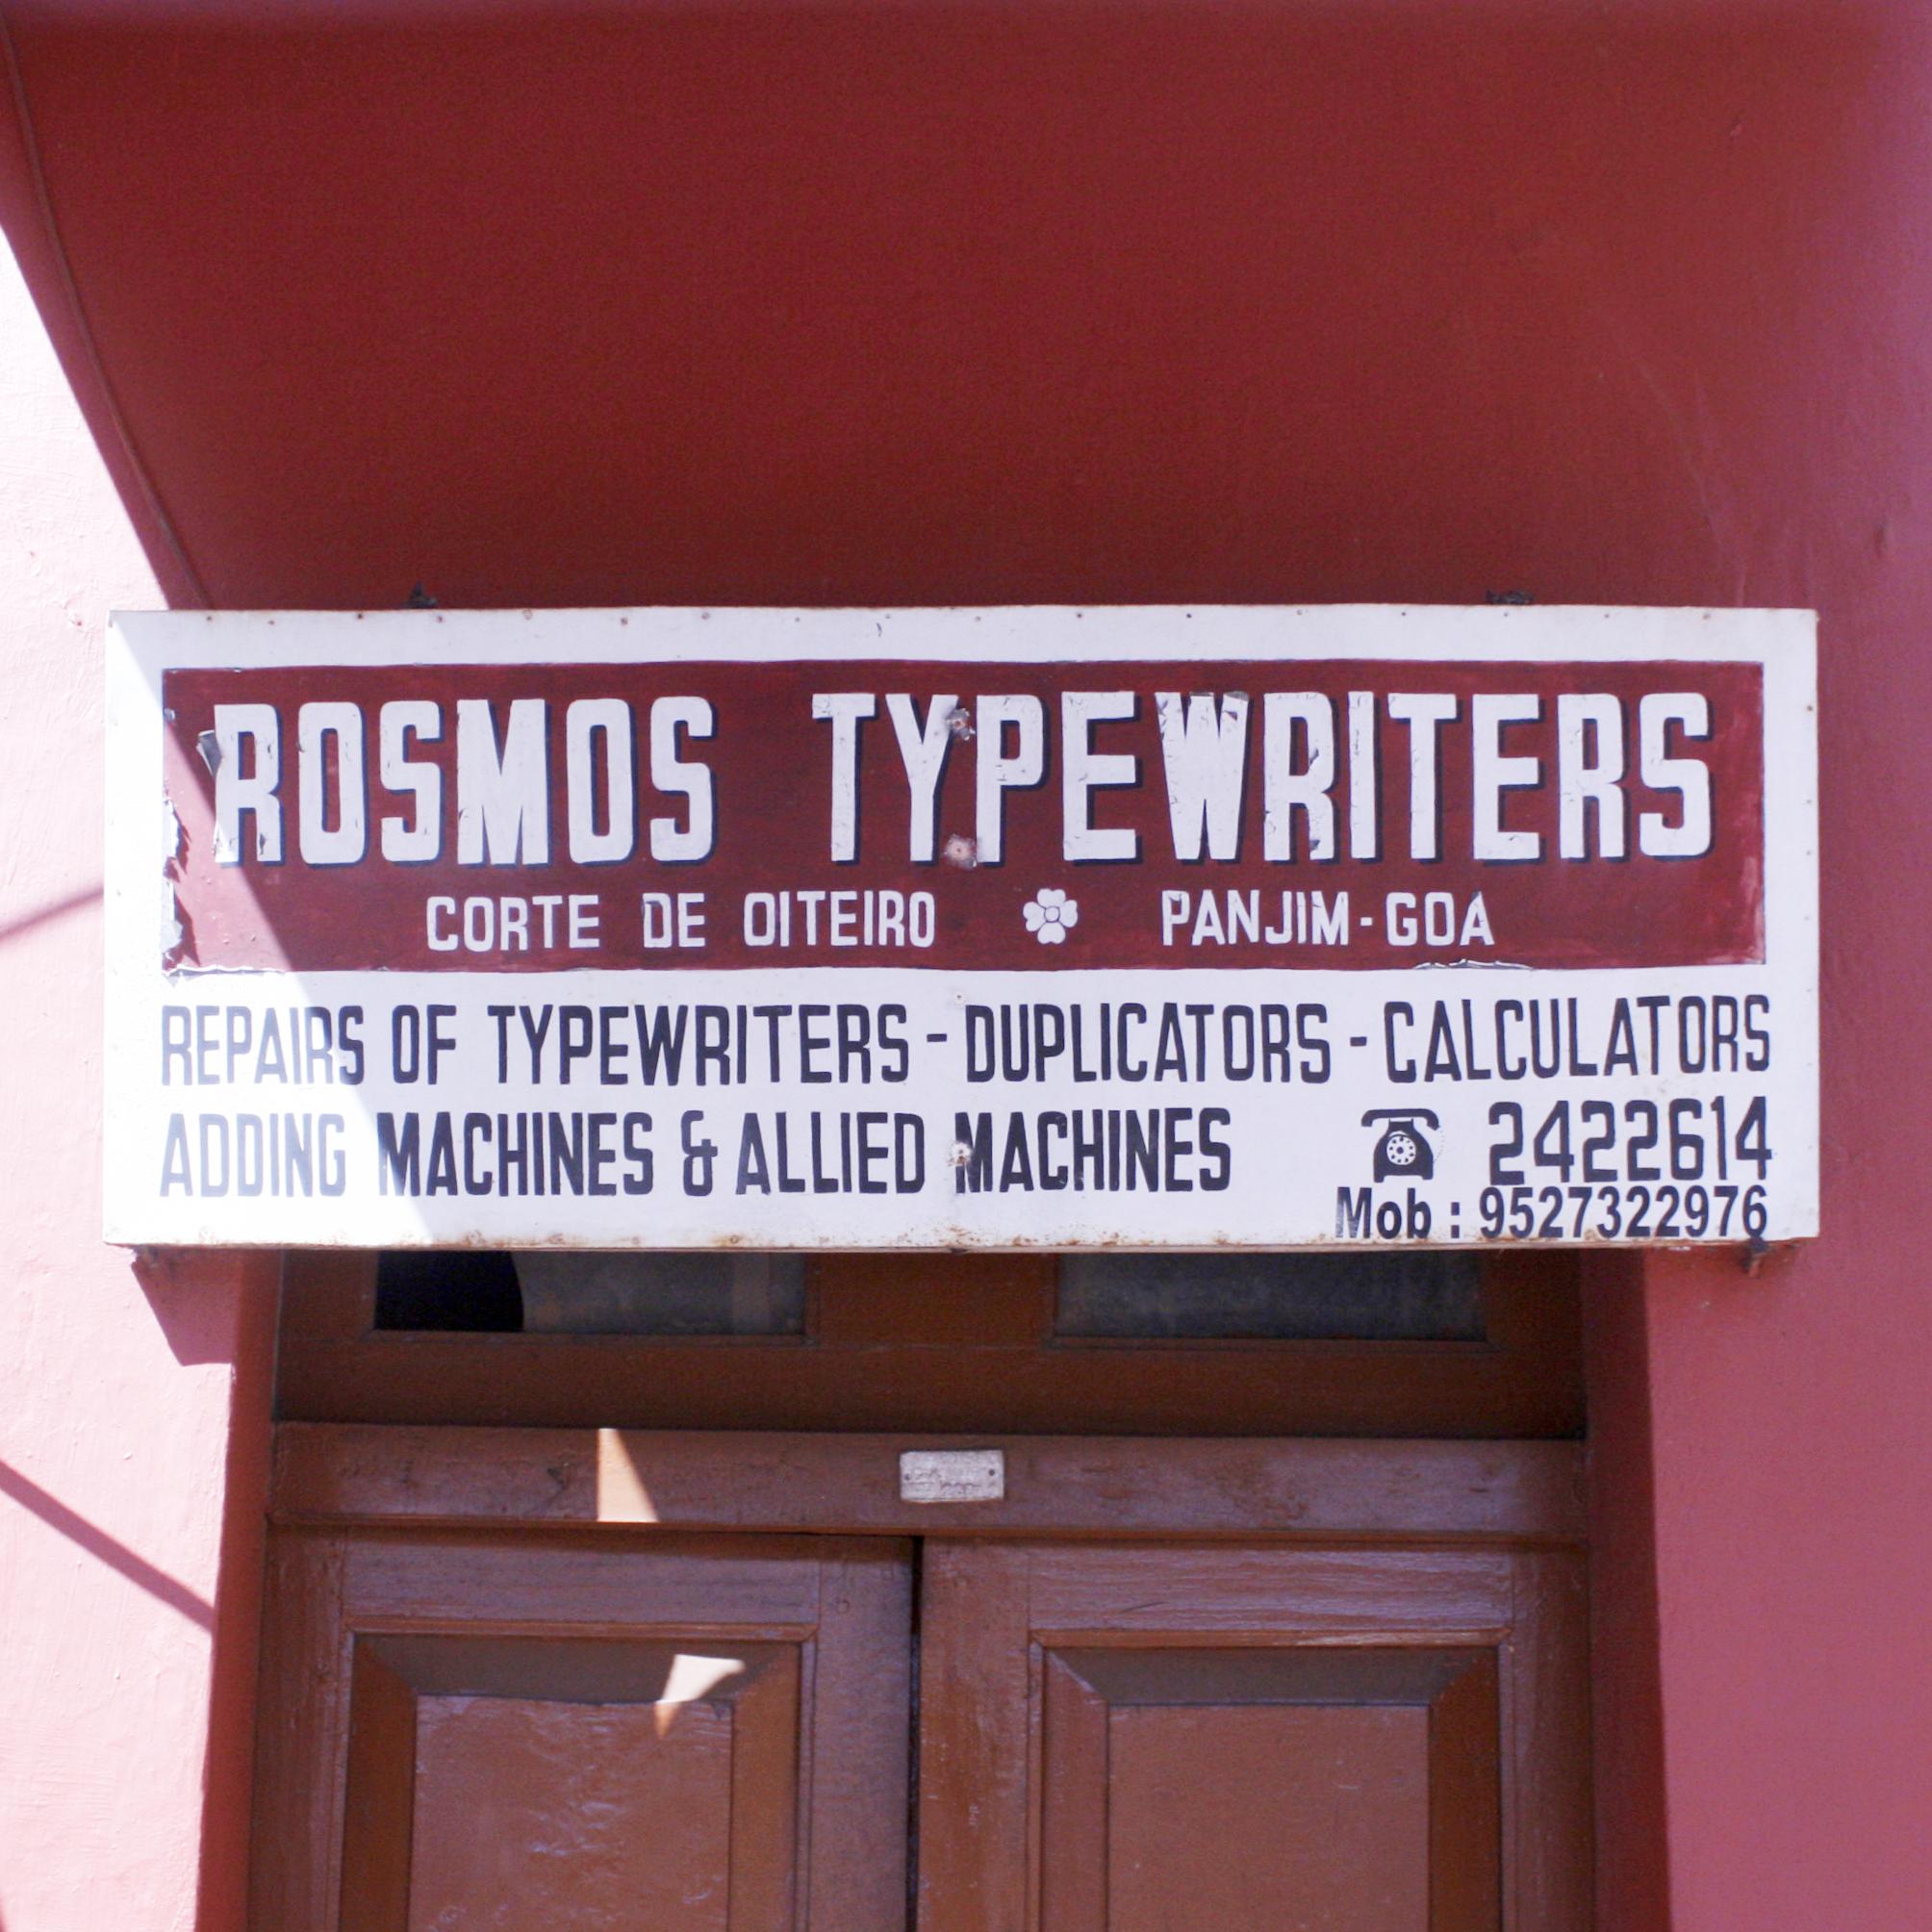 Rosmos Typewriters